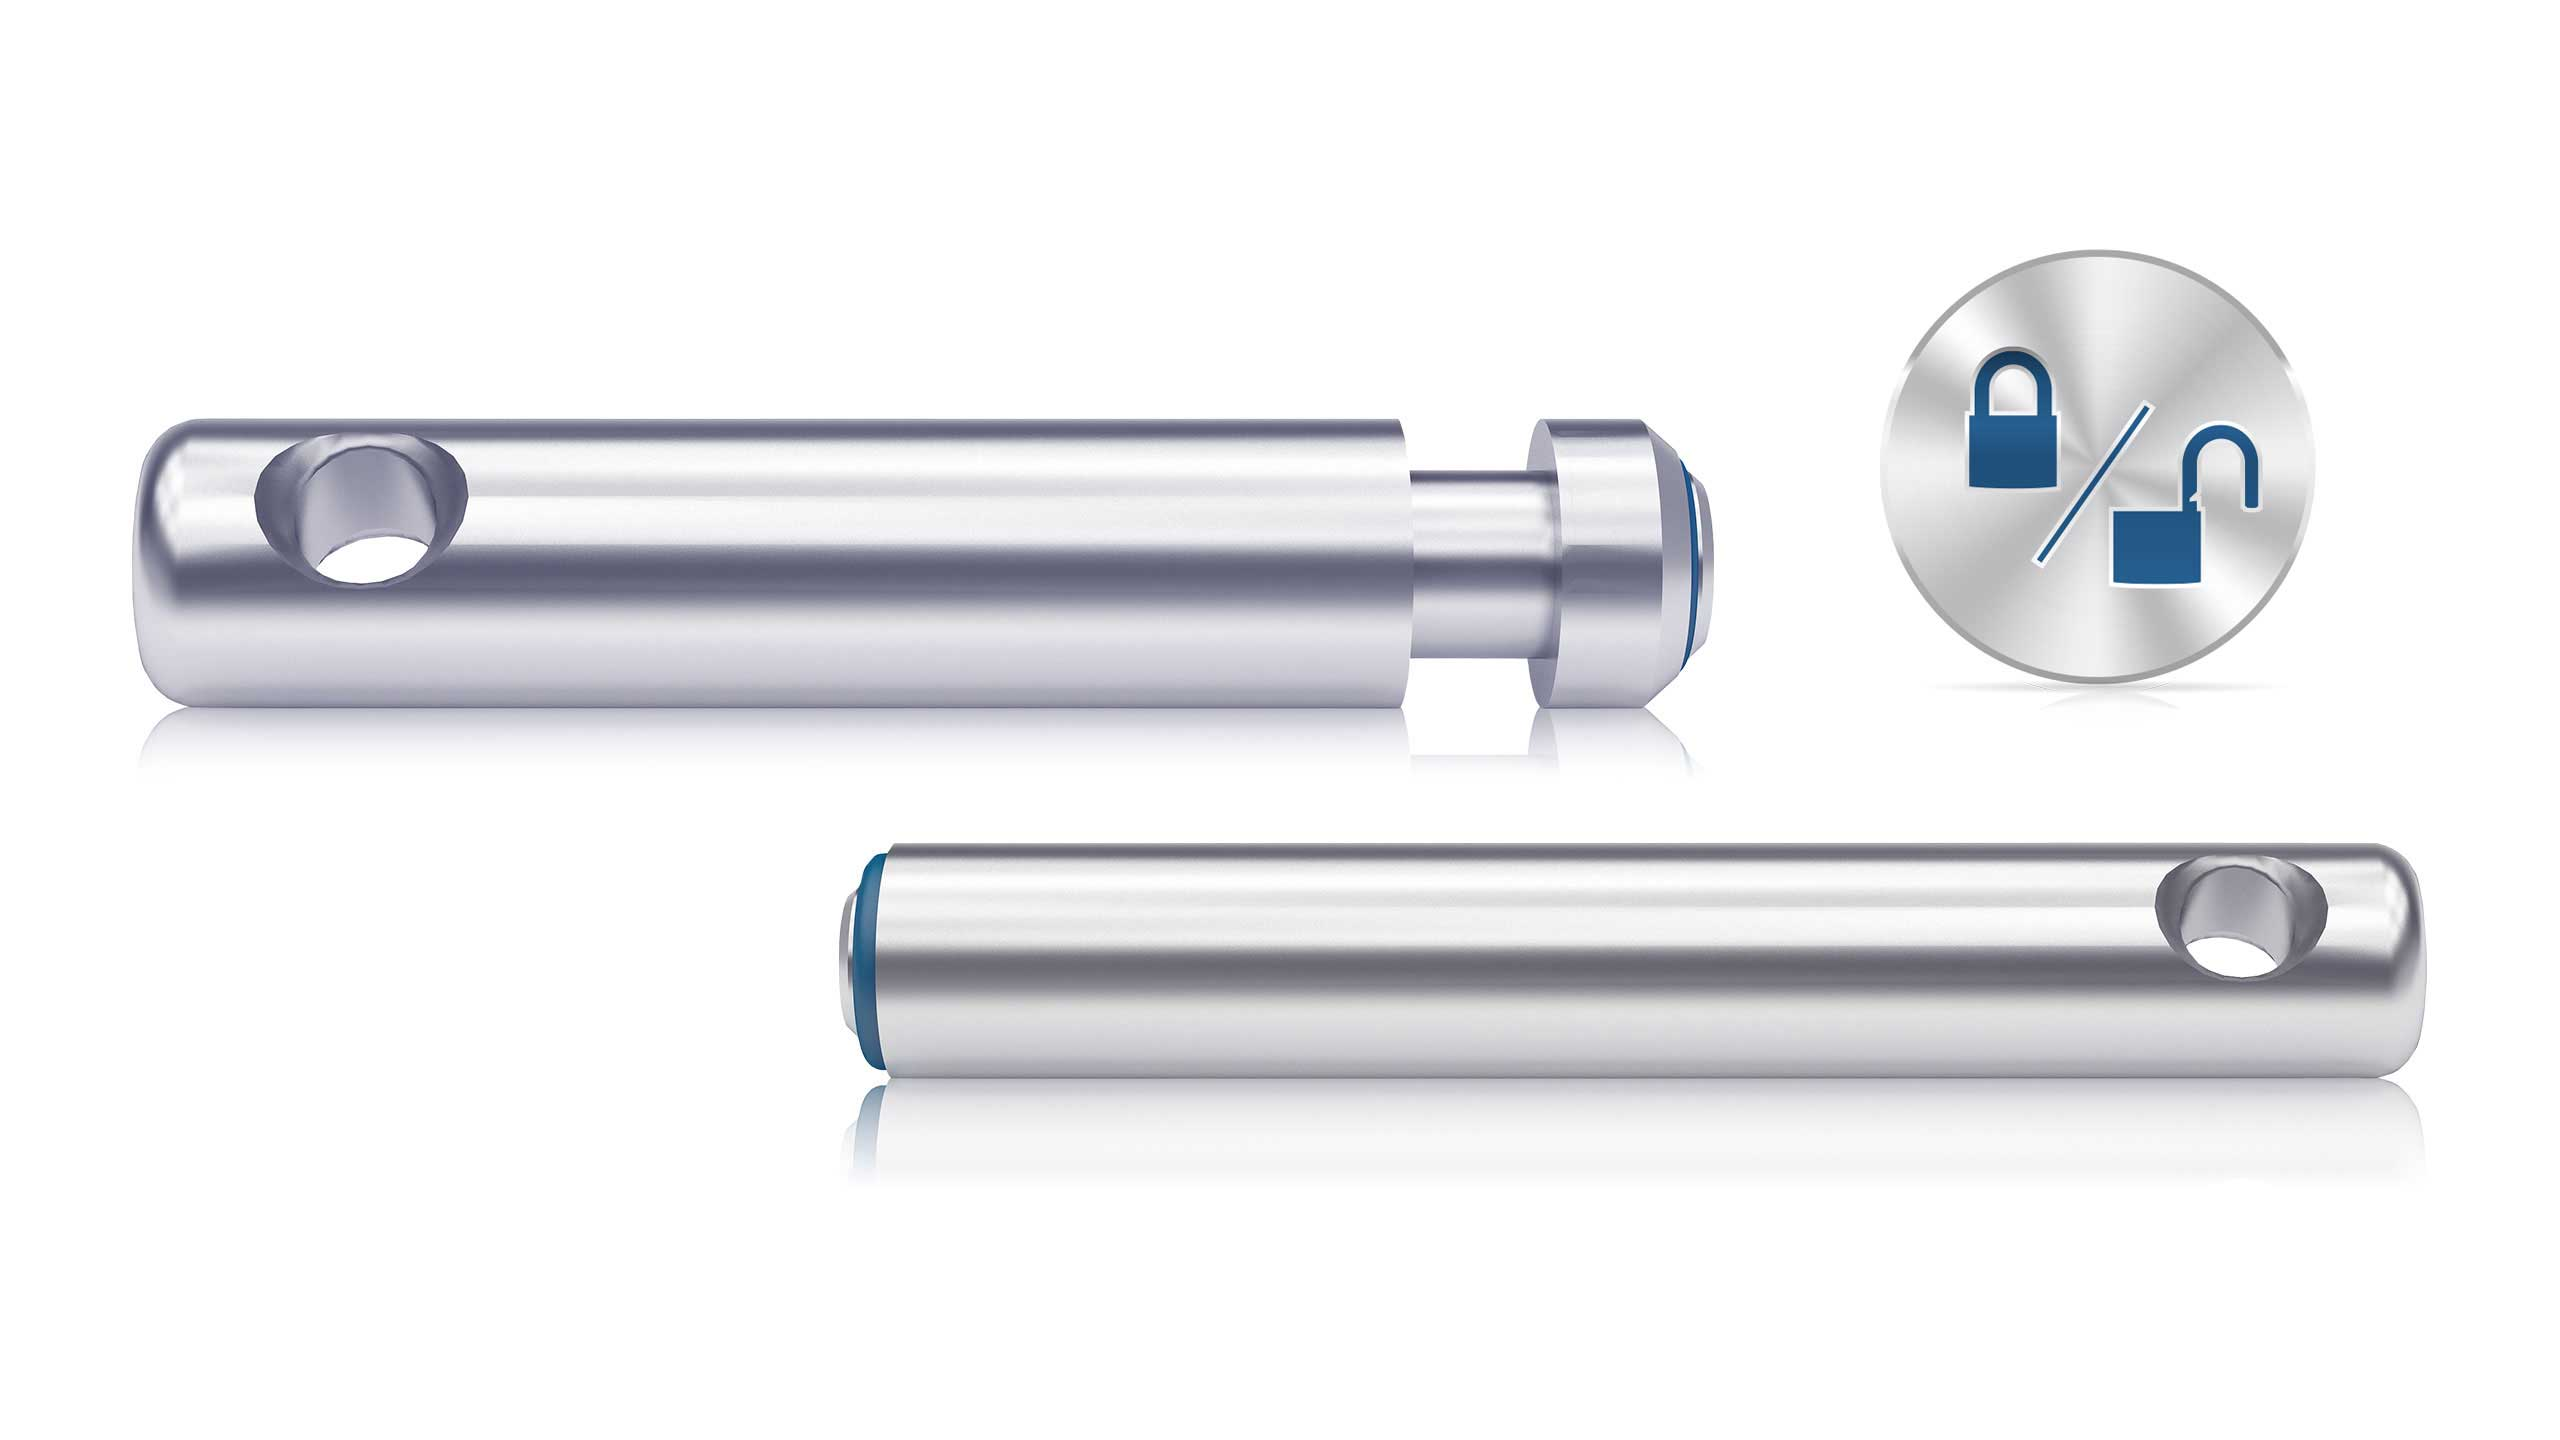 Nicht verriegelte IntelliPin-Schlüsseltransponder lösen einen Alarm aus, sobald Schlüssel aus Schlüsselschränken entnommen werden.